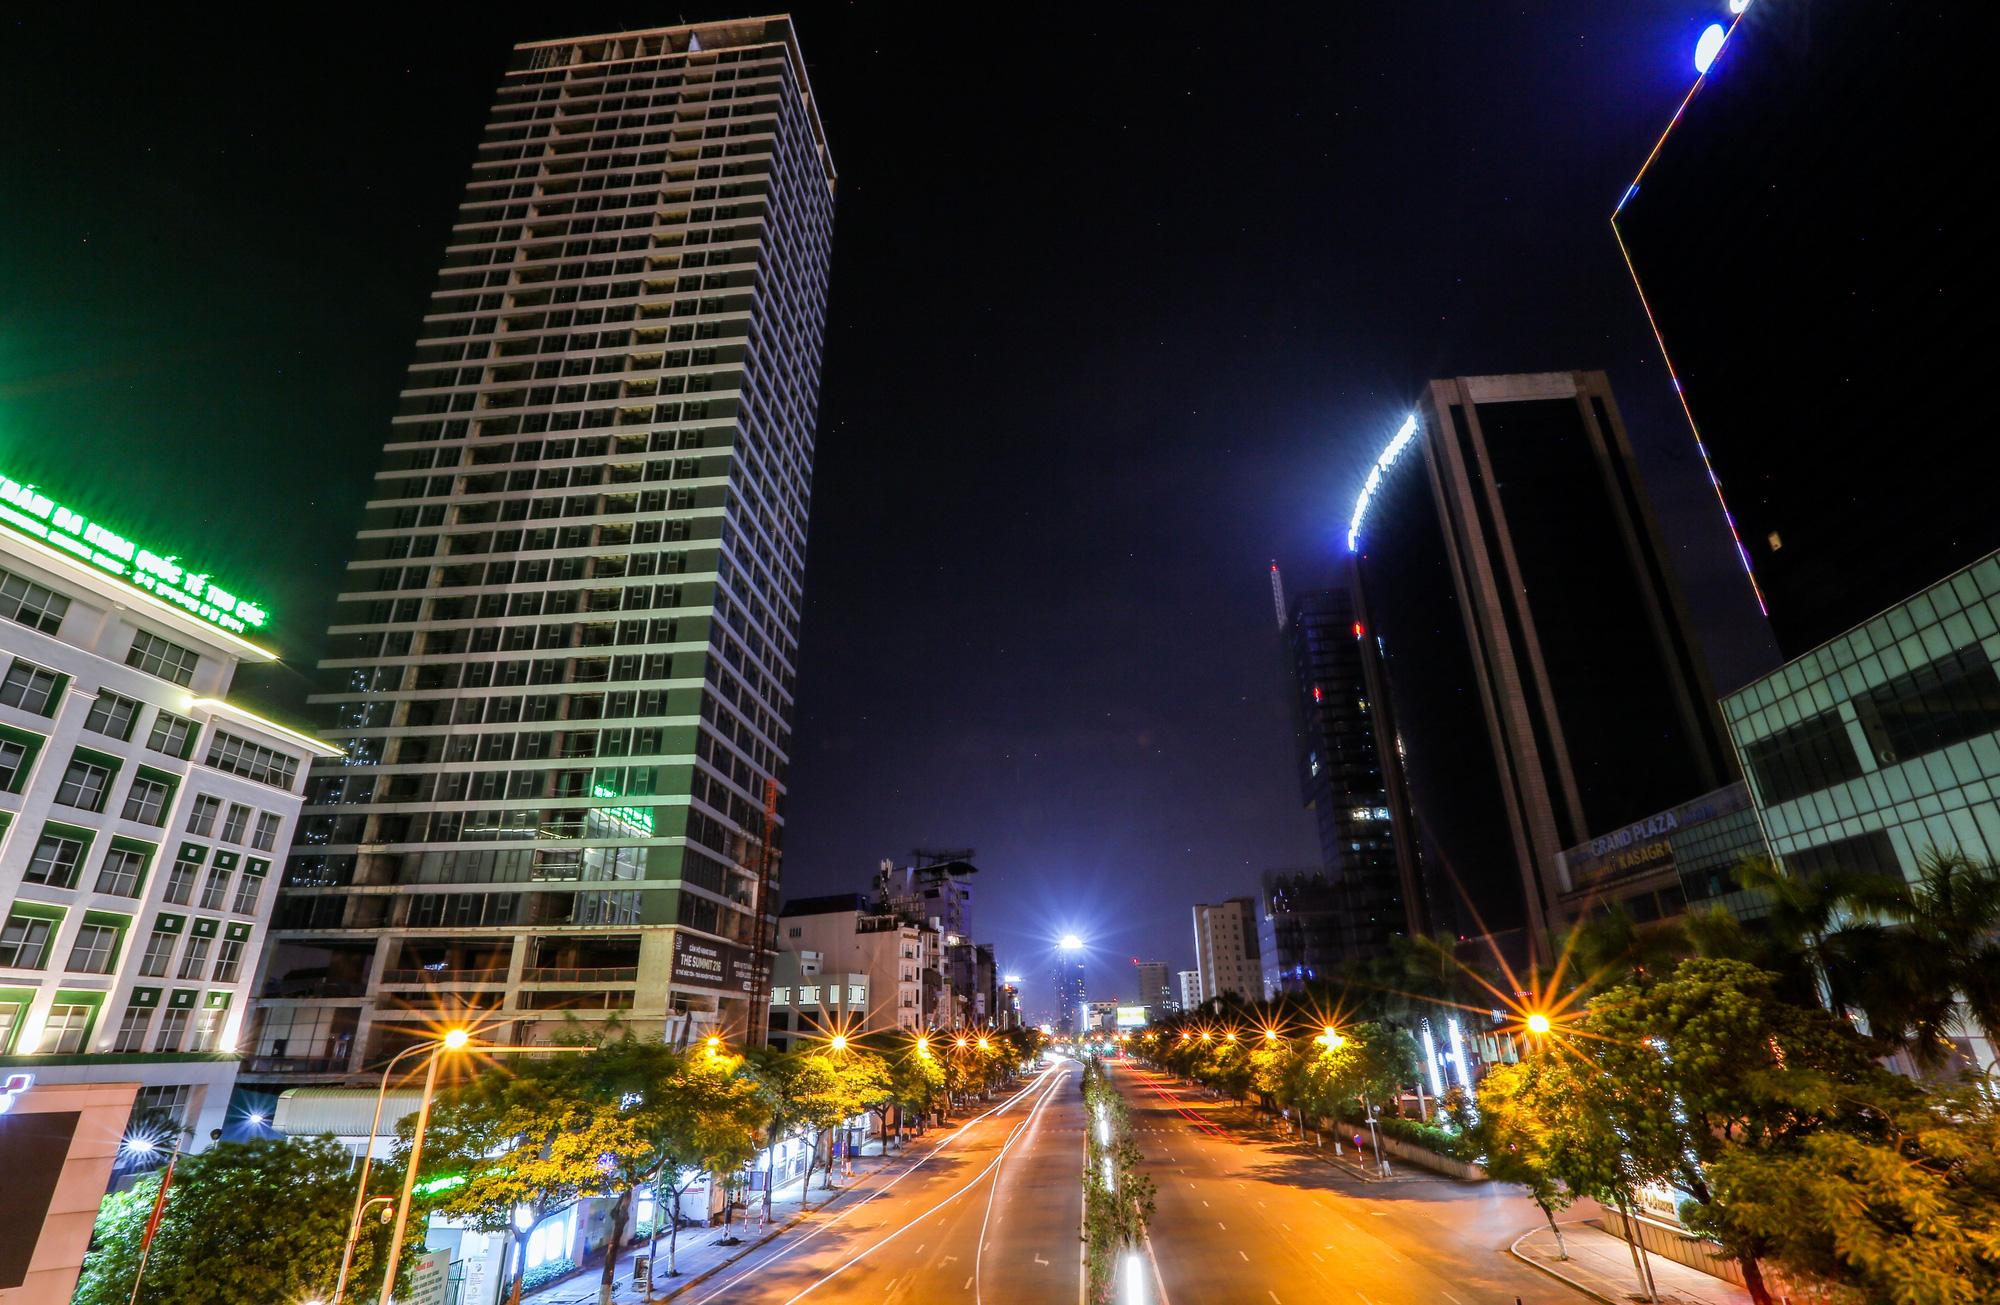 Đêm Hà Nội vắng lặng trong những ngày giãn cách xã hội - Ảnh 11.